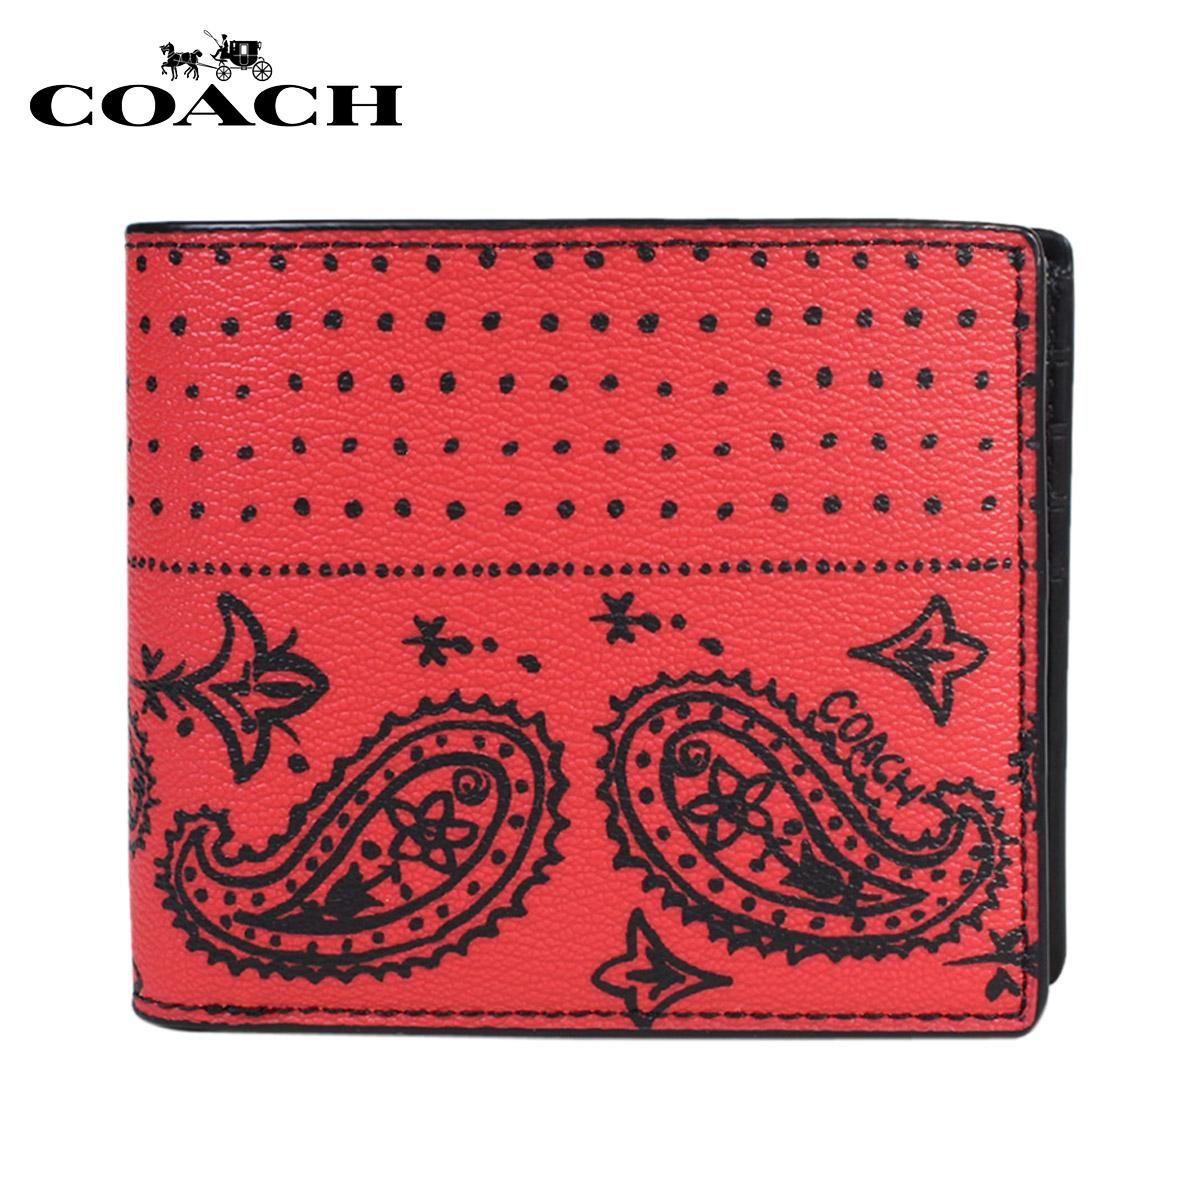 教练COACH钱包对开人皮革F57653红×黑色印花大手帕[4/18新进货]